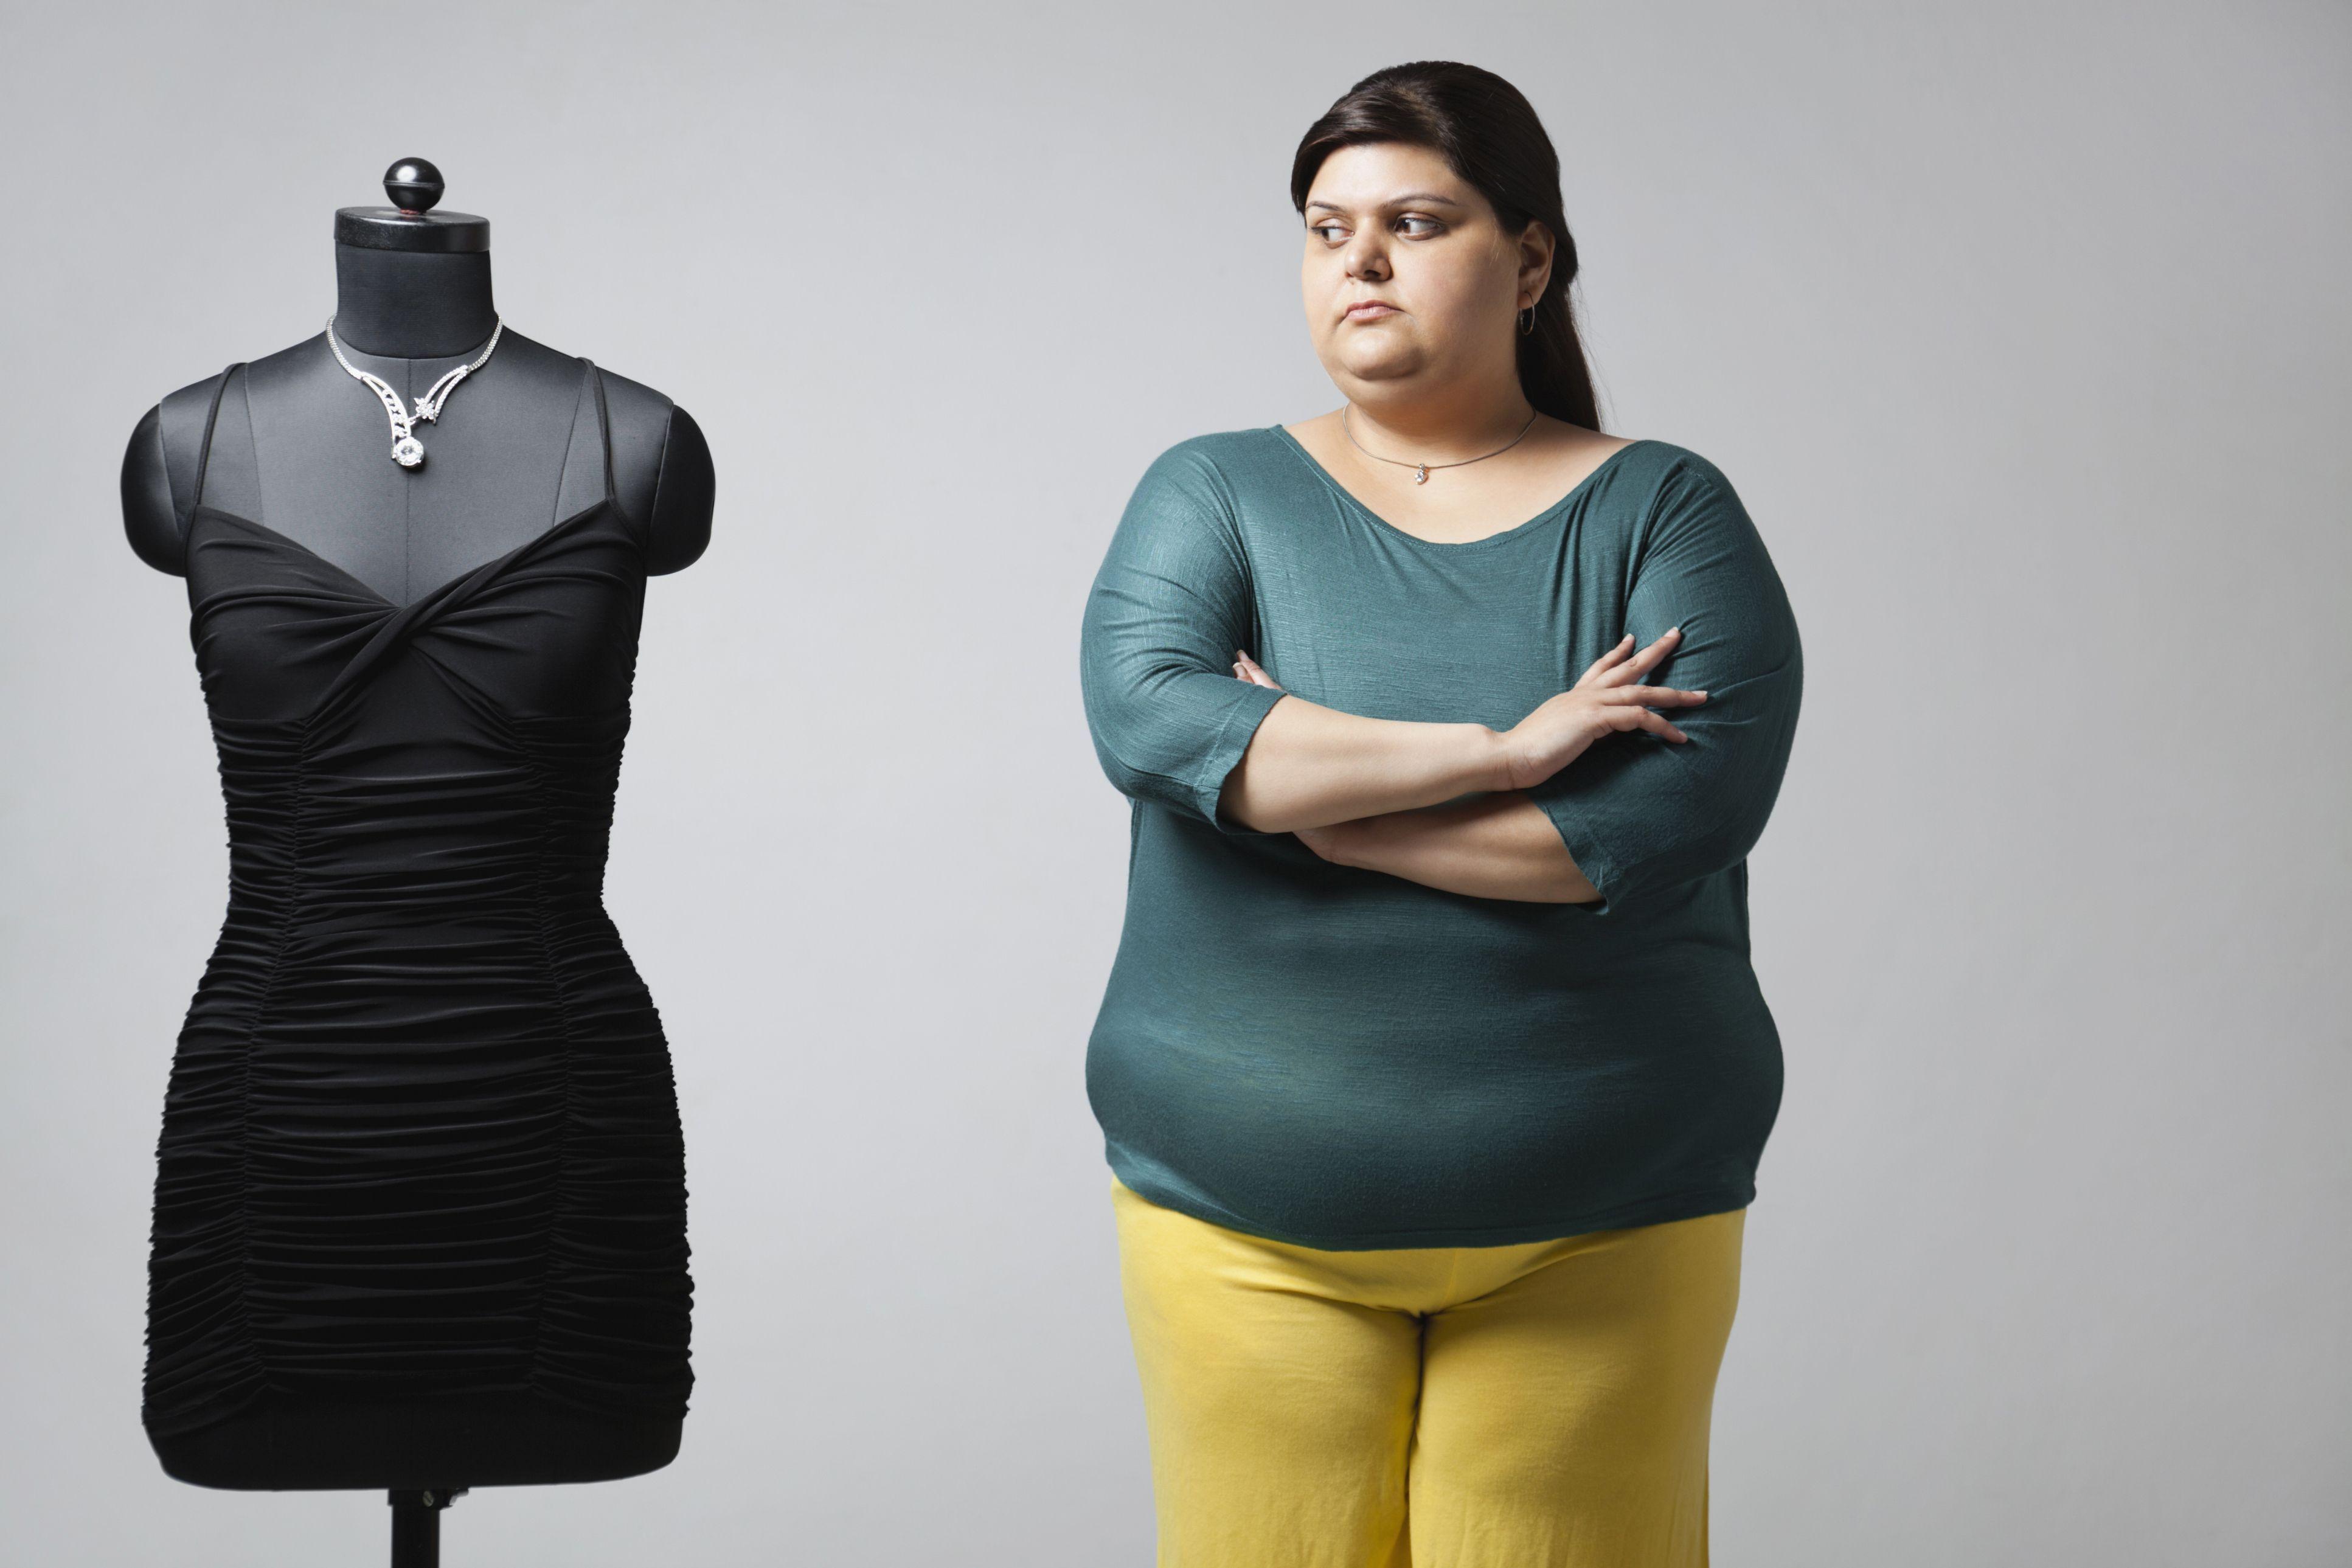 Почему одни люди не набирают вес, а другим сложно похудеть